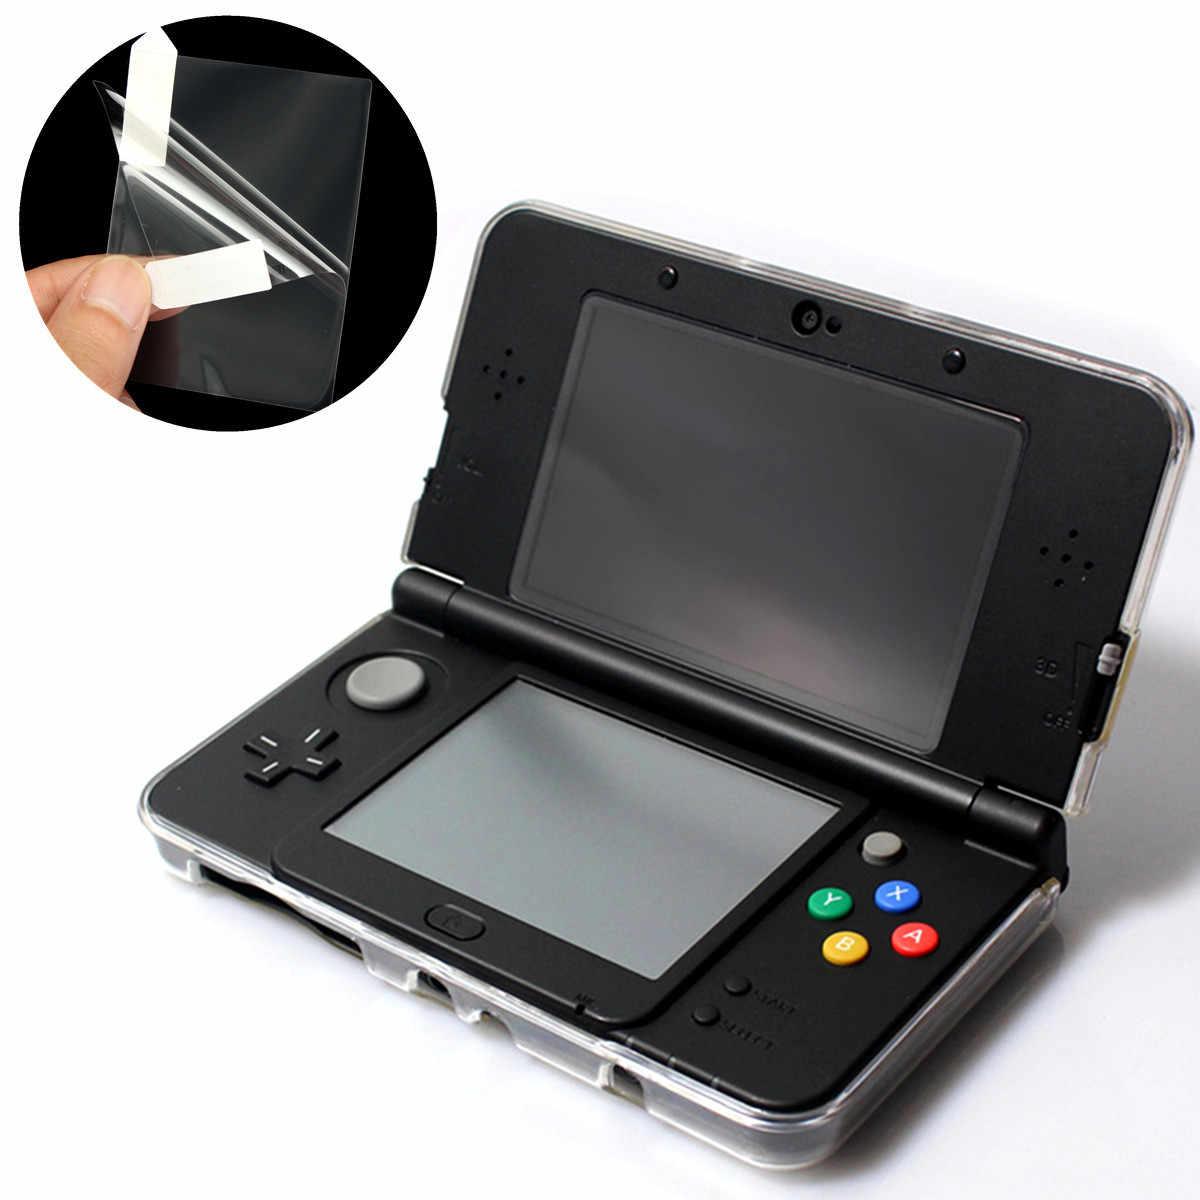 3 in 1 Temizle Üst ve Alt LCD Kapak Filmi Yeni Nintendo 3DS Up ekran koruyucu + Dokunmatik h ekran koruyucu + Temizleme Bezi